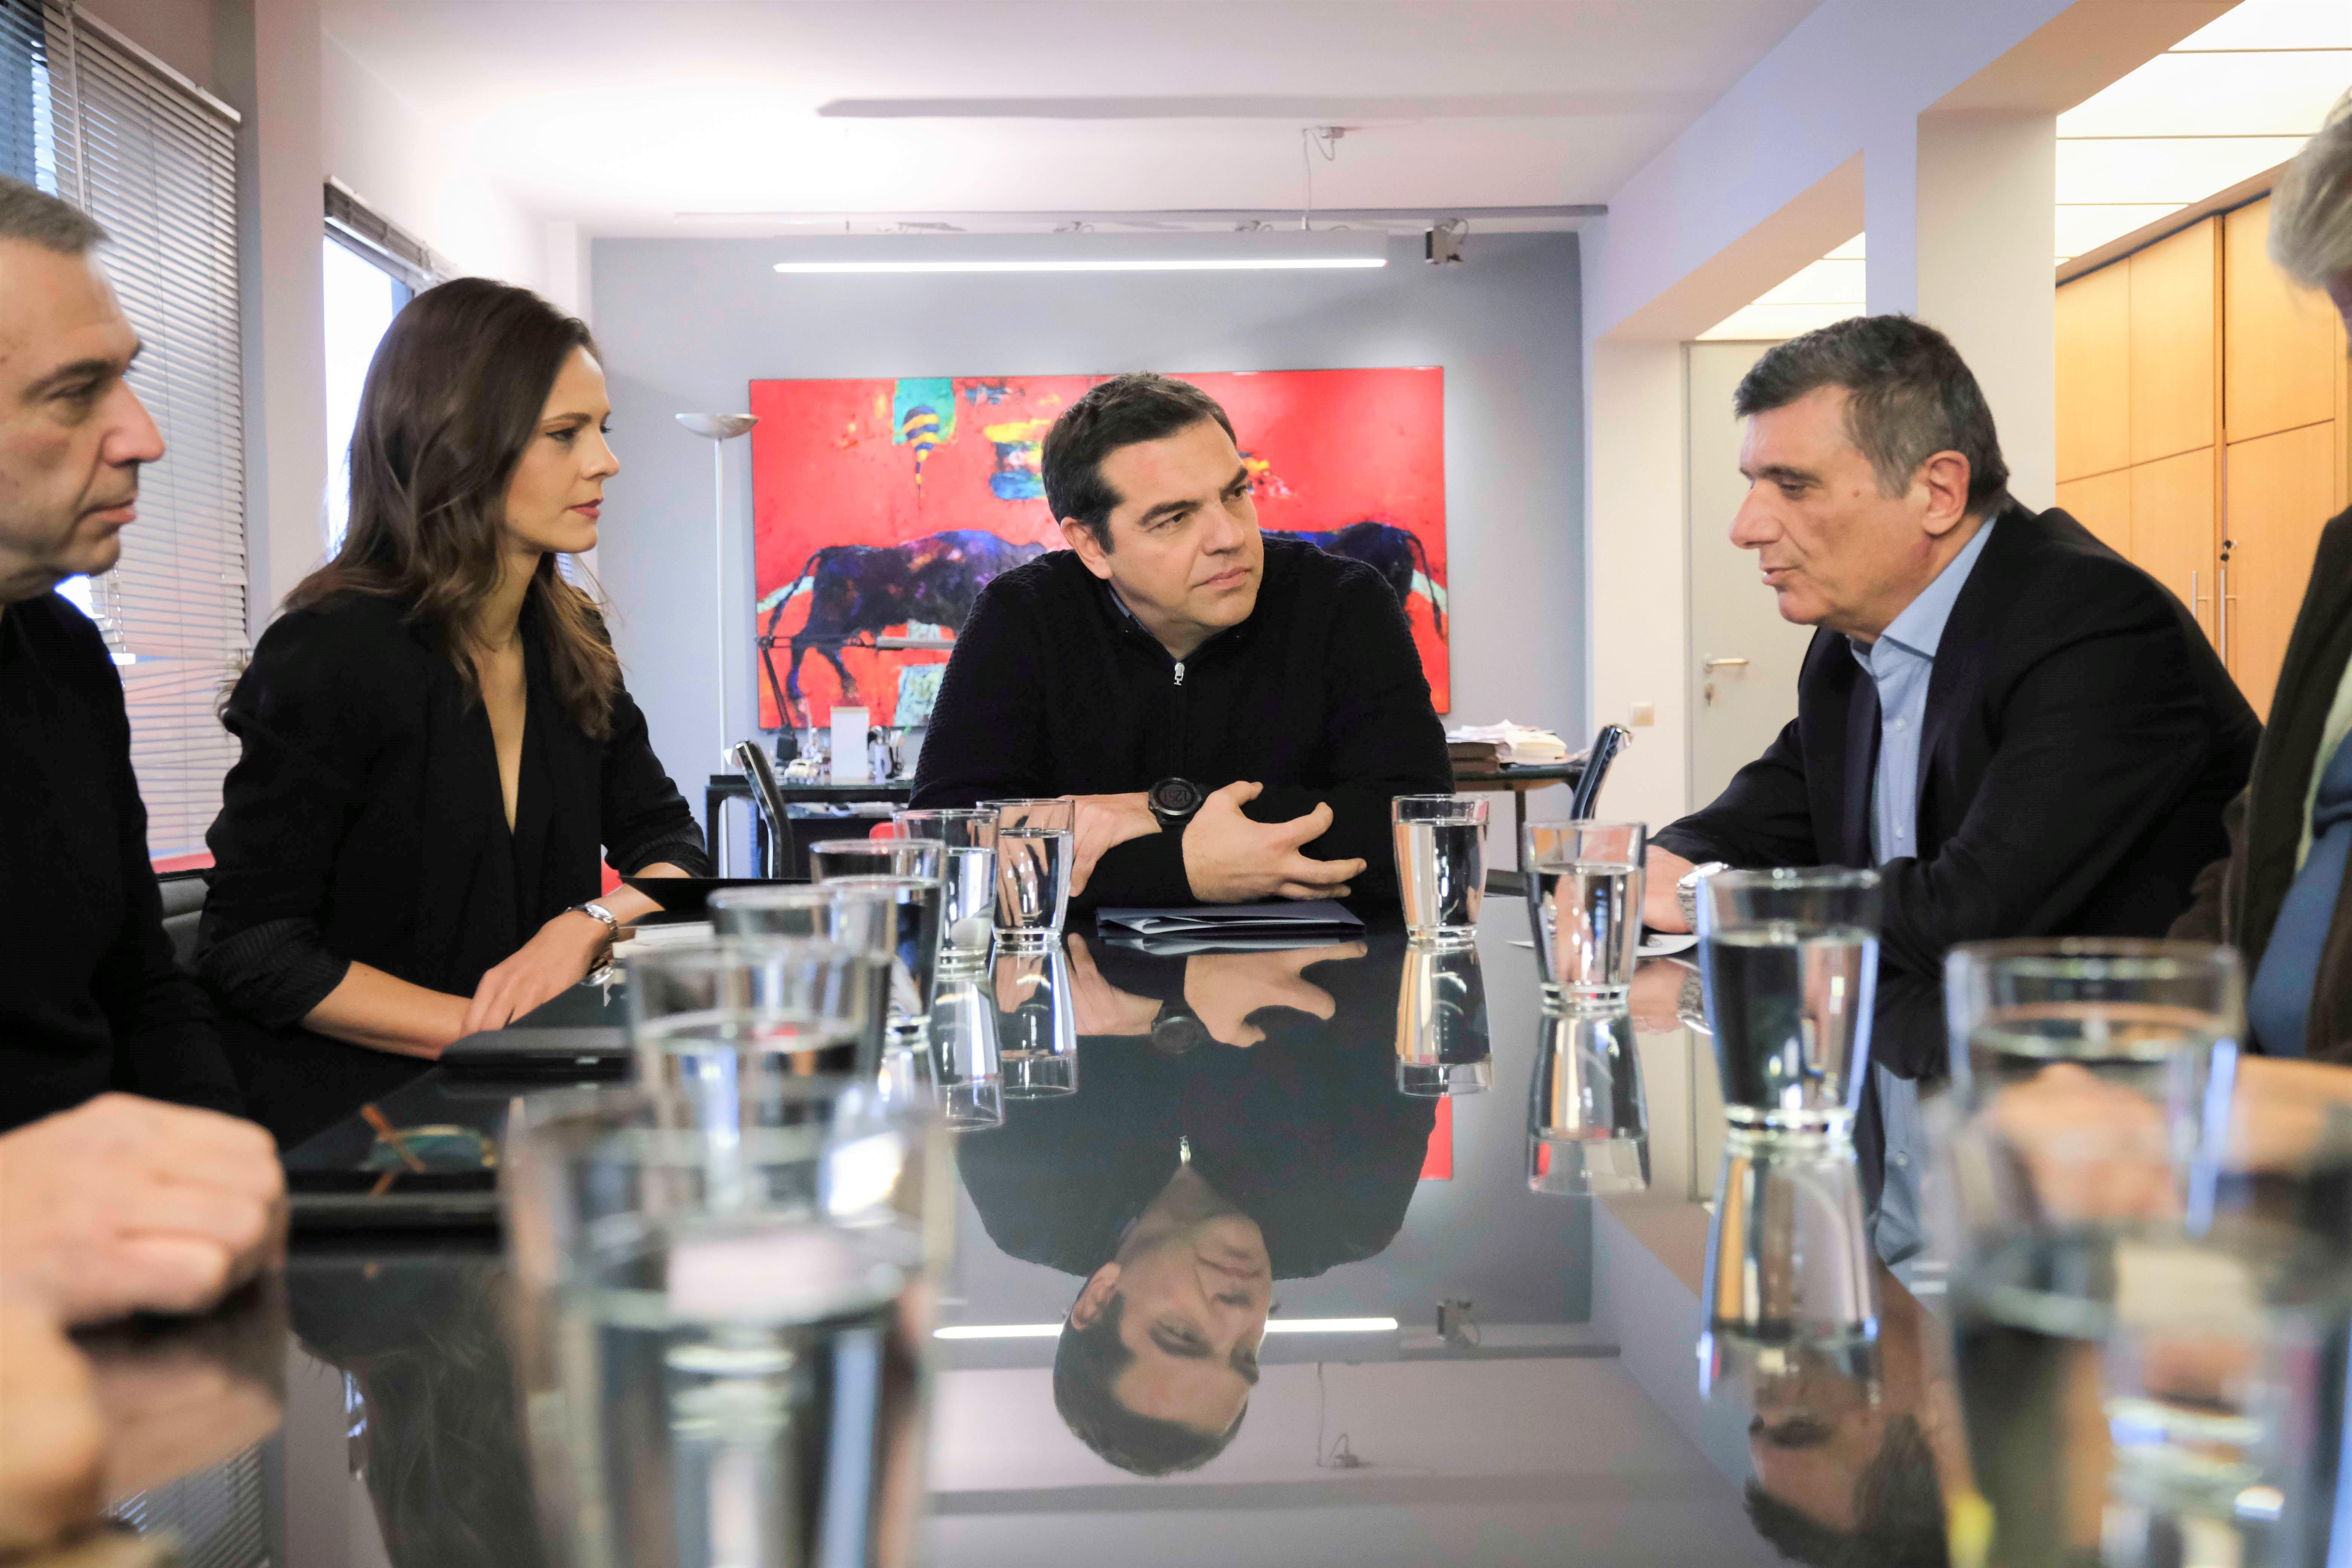 Αλ. Τσίπρας: Να ανακληθούν οι απολύσεις των τραπεζικών υπαλλήλων - Η ανάπτυξη δεν θα έρθει με συμπίεση των εργασιακών σχέσεων